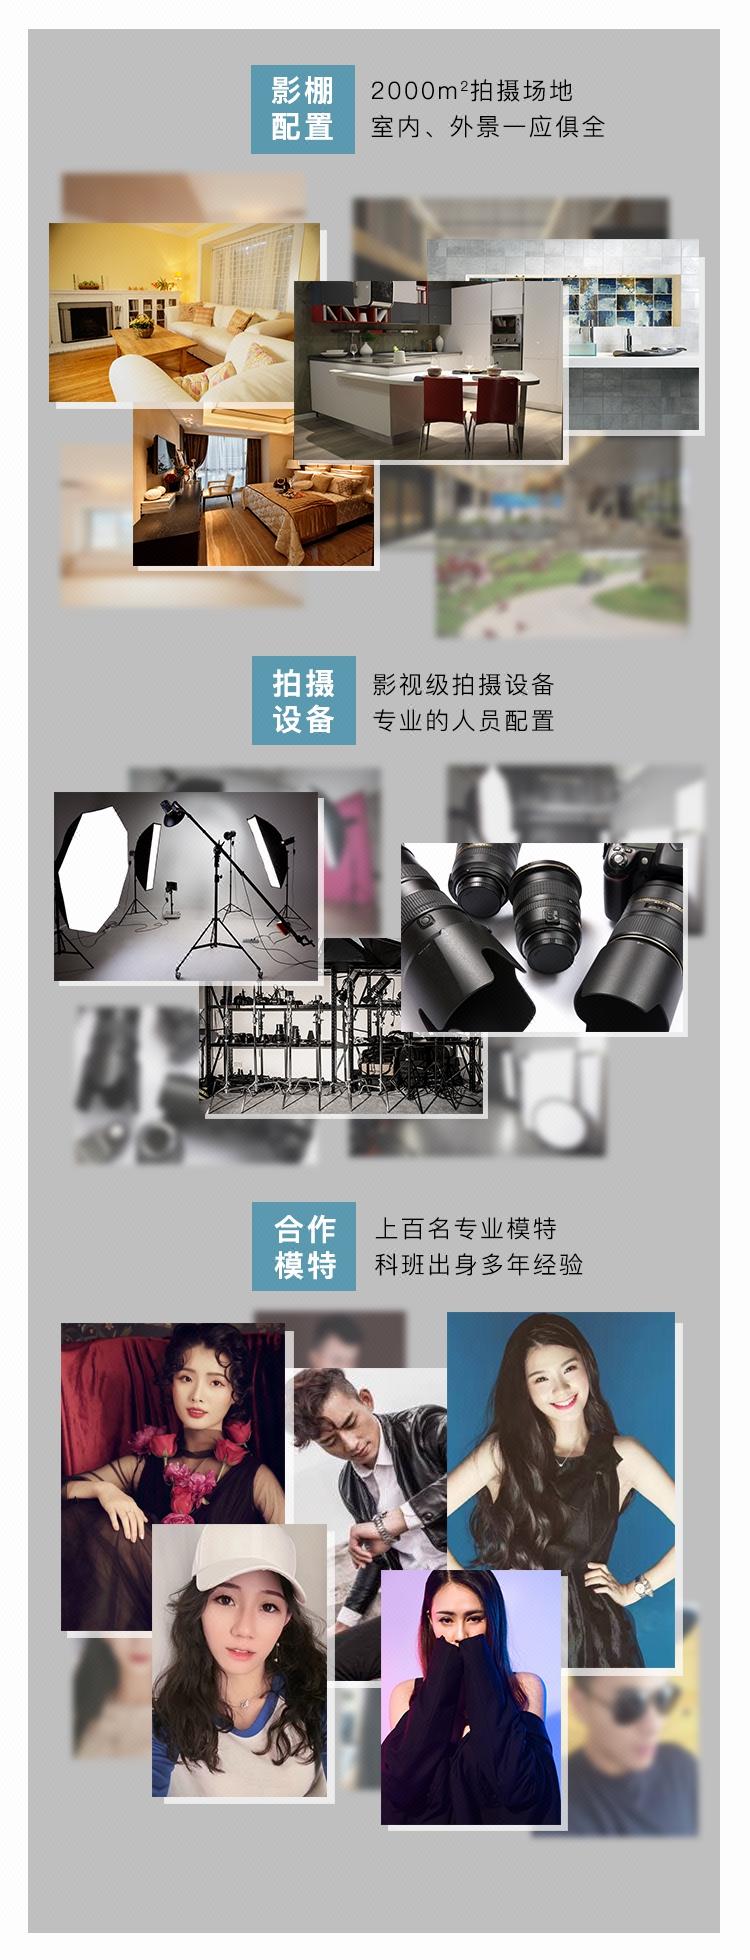 商品拍照服务_淘宝京东主图视频拍摄制作企业宣传片产品详情视频买家秀视频剪辑6